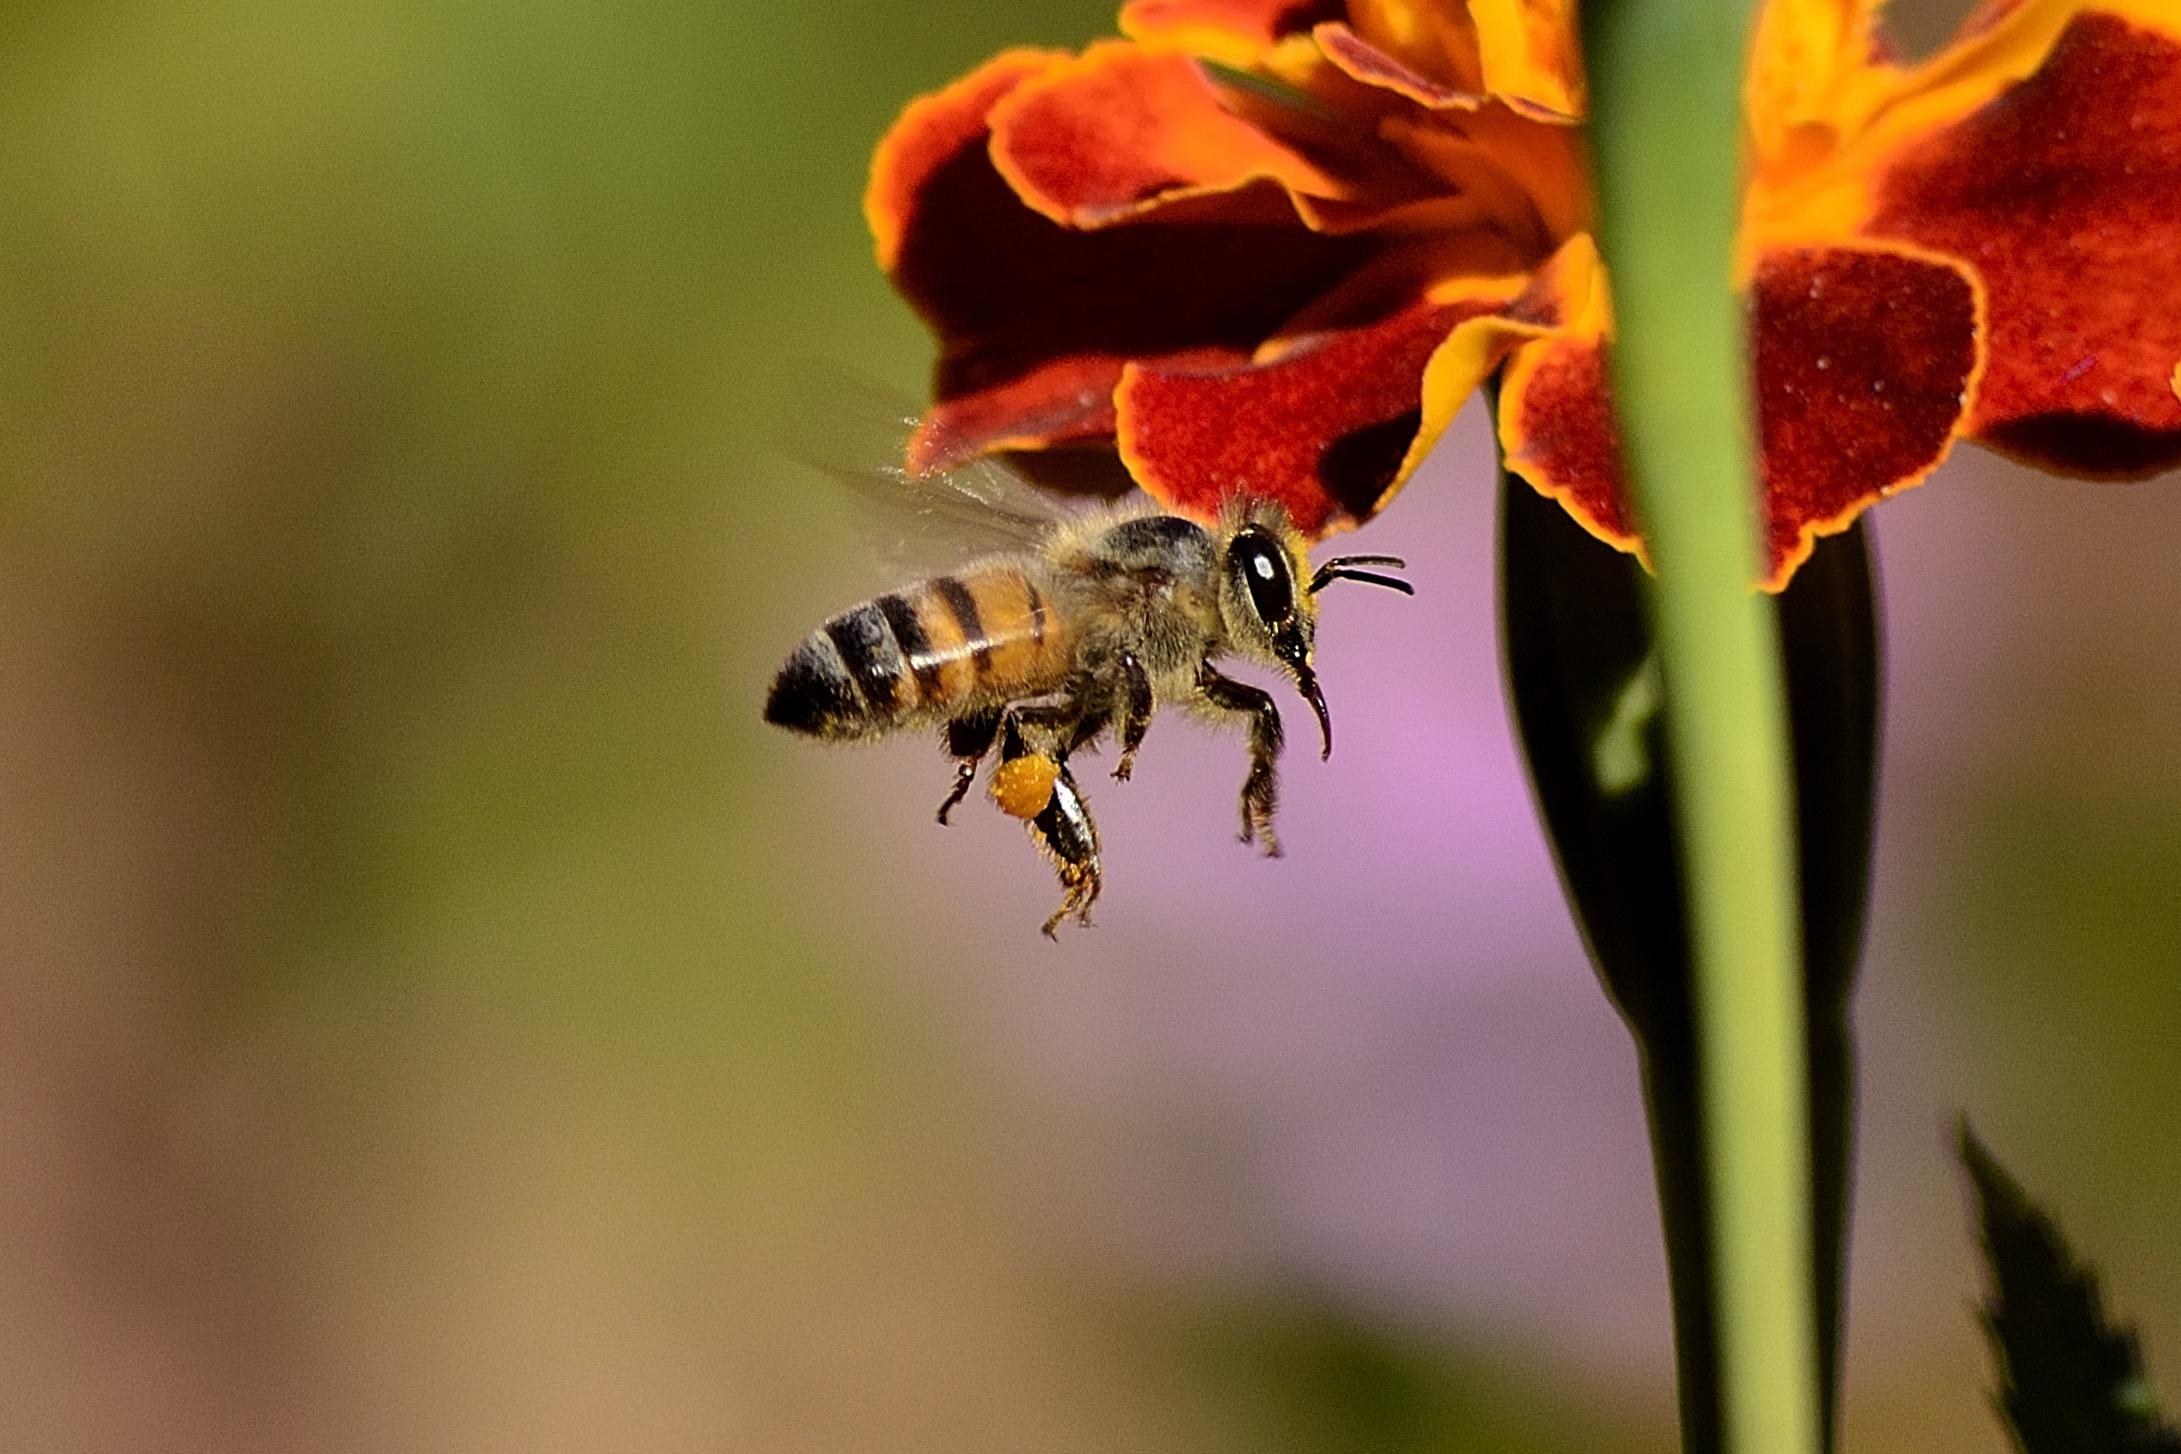 La disparition des abeilles coûterait 2,9 milliards d'euros à la France